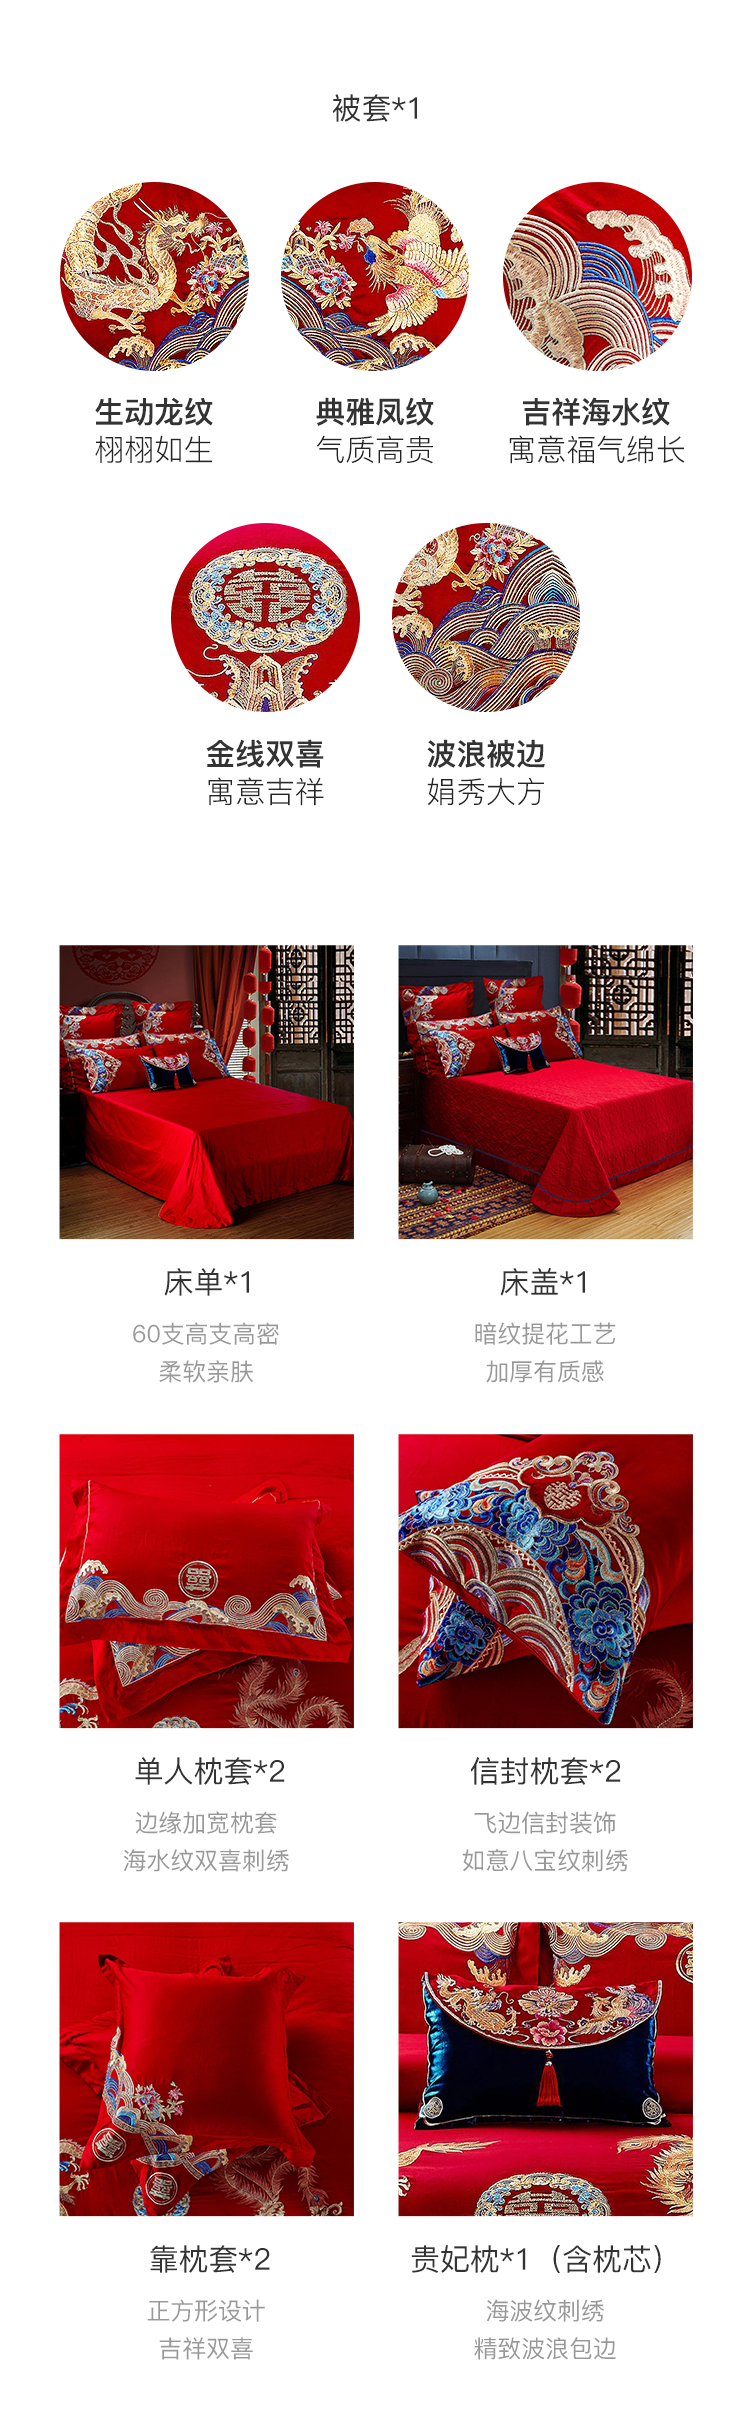 中式千禧龙凤婚嫁床品套装